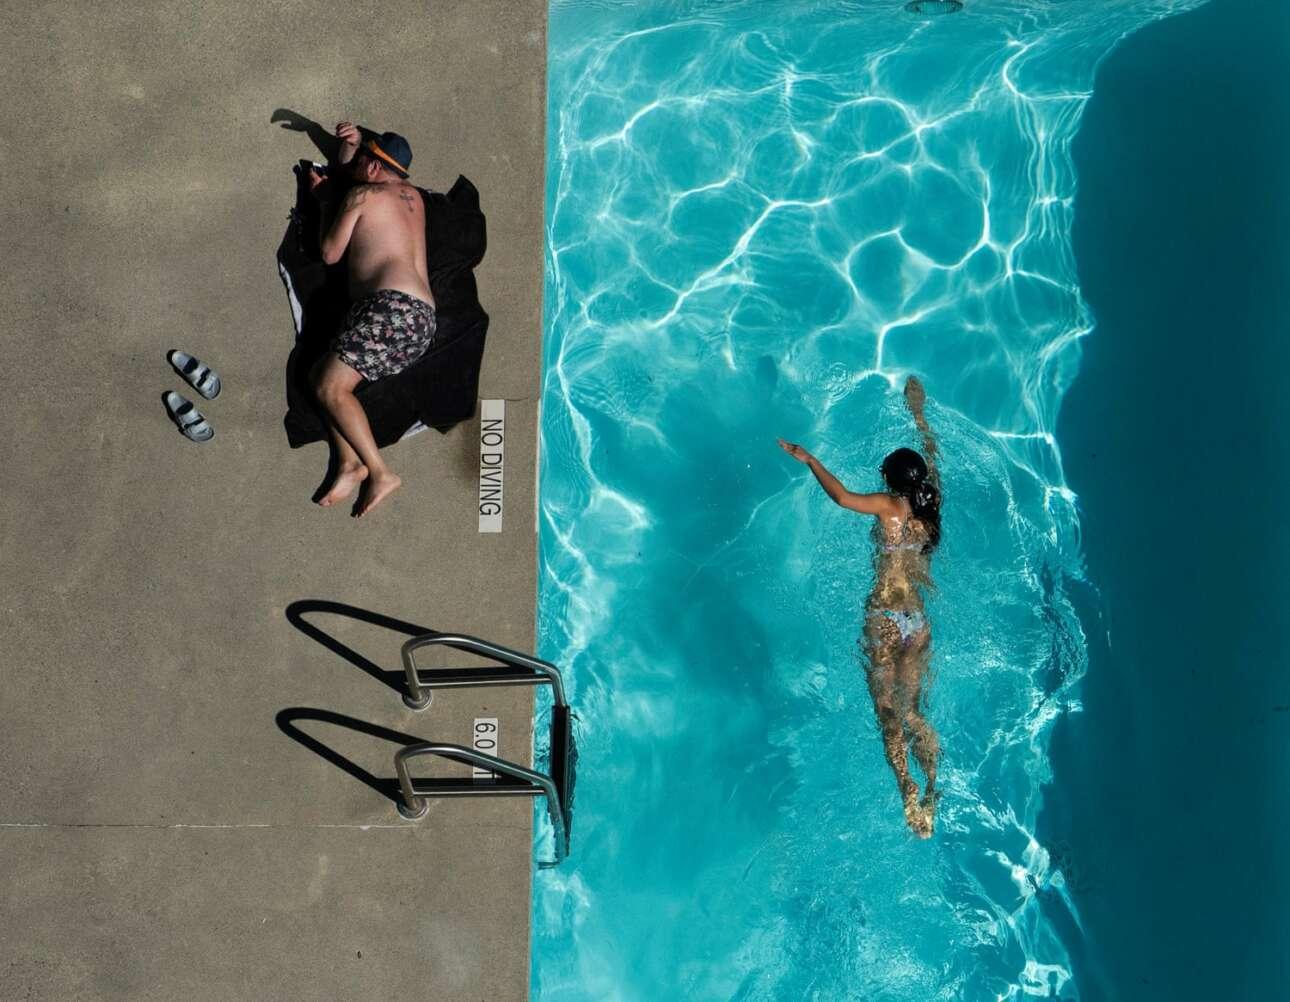 Ειδική Μνεία στην κατηγορία Ανθρωποι του Κόσμου. «Στην εξωτερική πισίνα του διαμερίσματος, το κορίτσι κολυμπά ενώ δίπλα ο άντρας κάνει ηλιοθεραπεία, δημιουργώντας έτσι μια ενδιαφέρουσα αντίθεση ανάμεσα στις δύο φιγούρες. Το φως που μπαίνει ανάμεσα από τα κτίρια δημιουργεί ένα ειδικό φωτιστικό εφέ στο νερό. Η φωτογραφία τραβήχτηκε από τον 29ο όροφο»